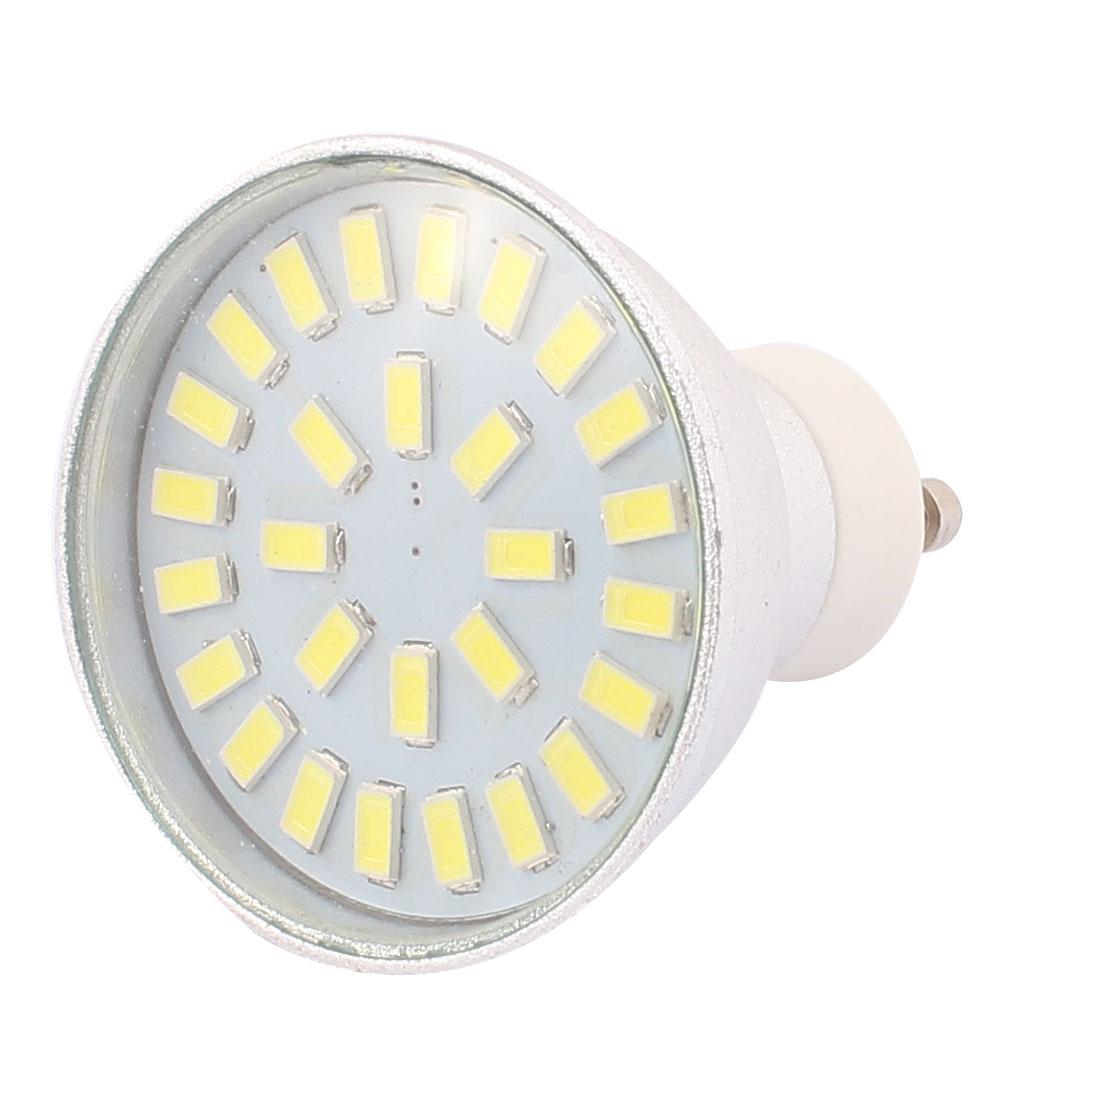 220V-240V GU10 LED Light 4W 5730 SMD 28 LEDs Spotlight Down Lamp Bulb Energy Saving Pure White